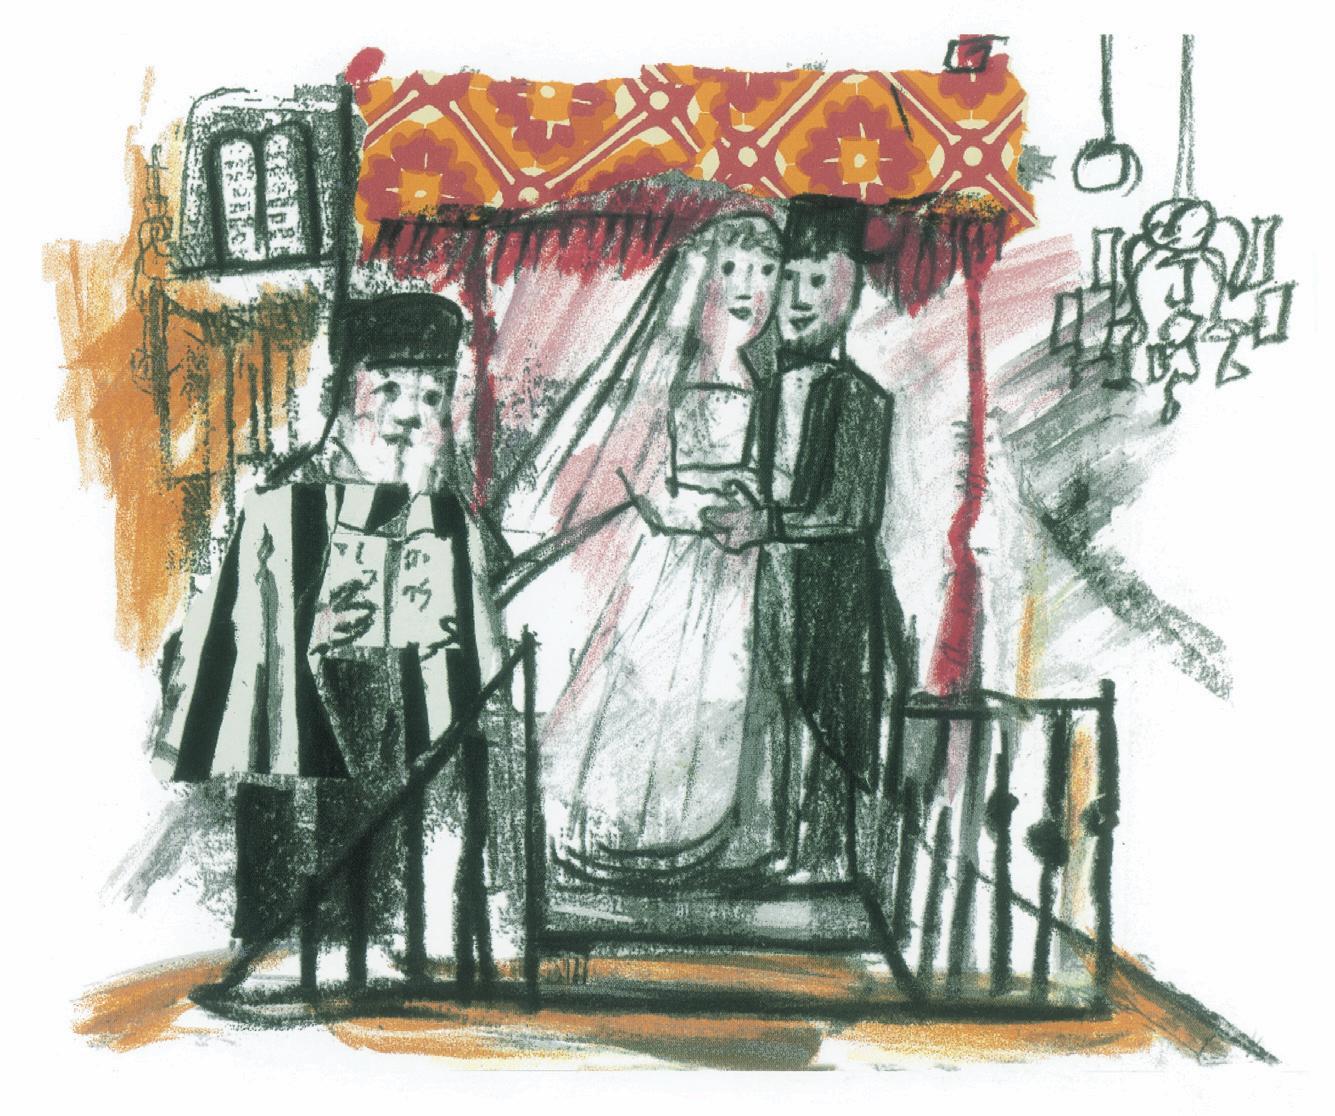 Matrimonio In Ebraico : Carciofi alla giudia l euroscetticismo non è il più grave